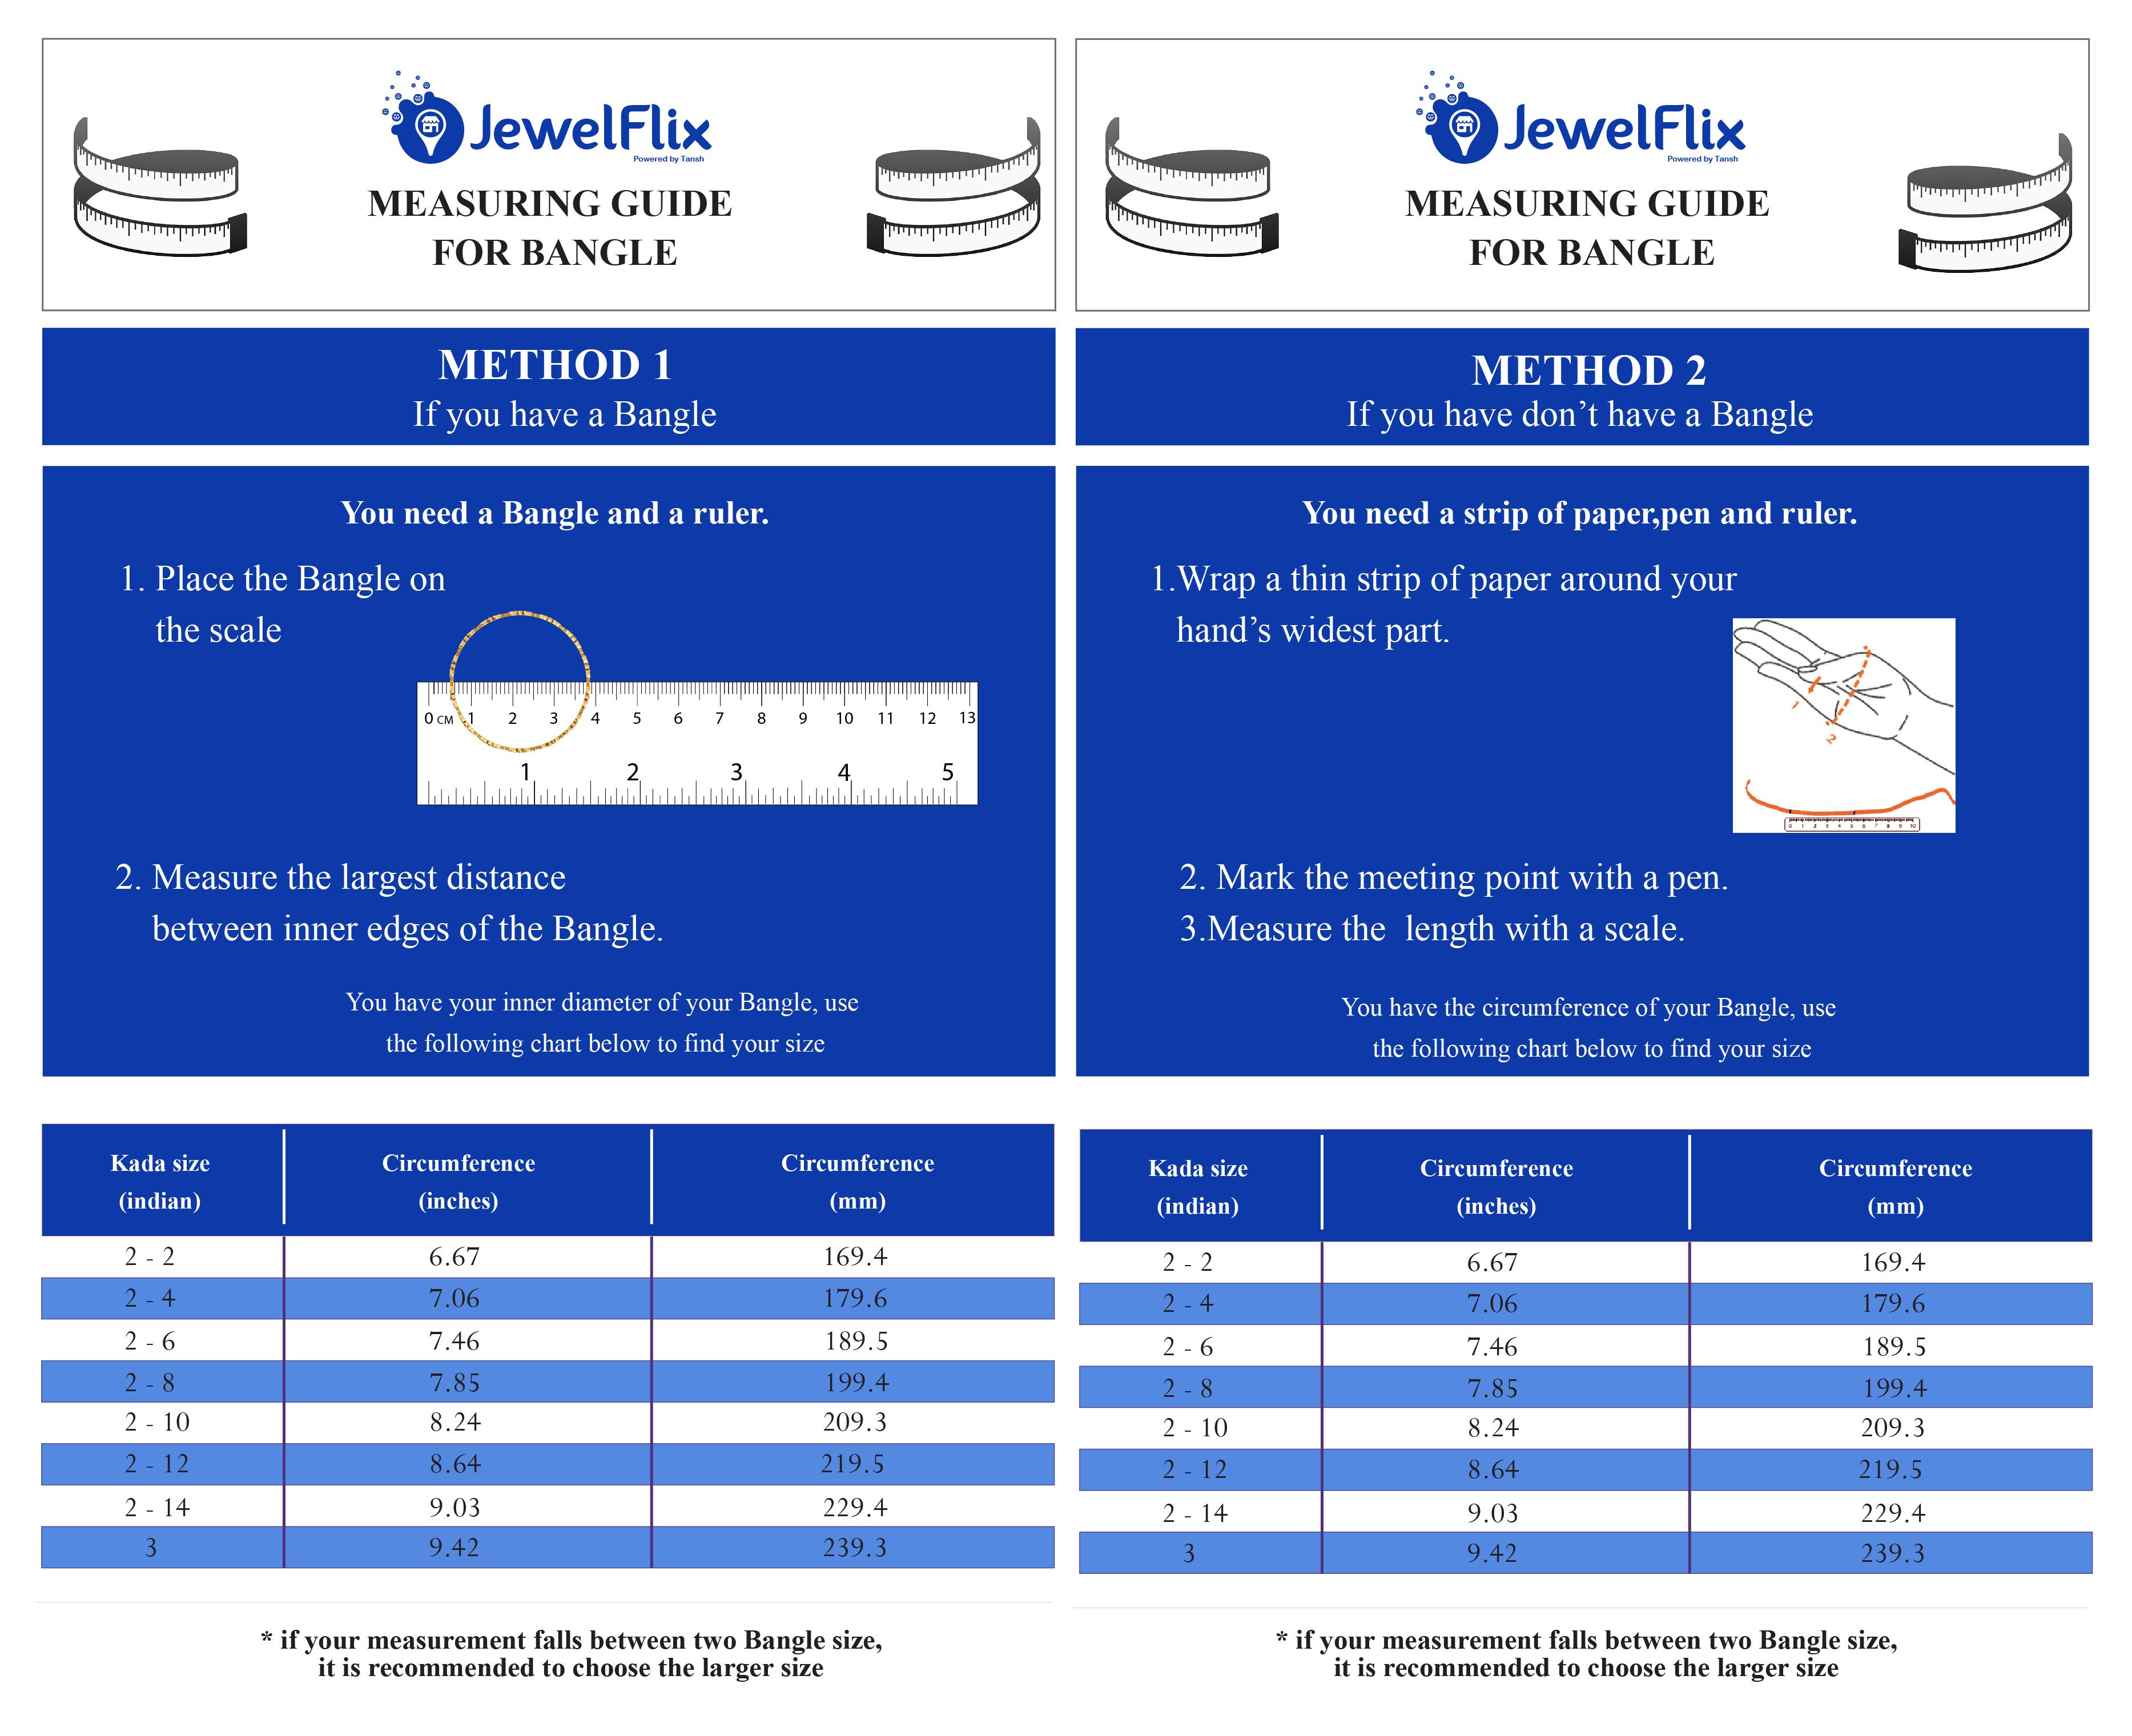 Measuring Guide for Bangles